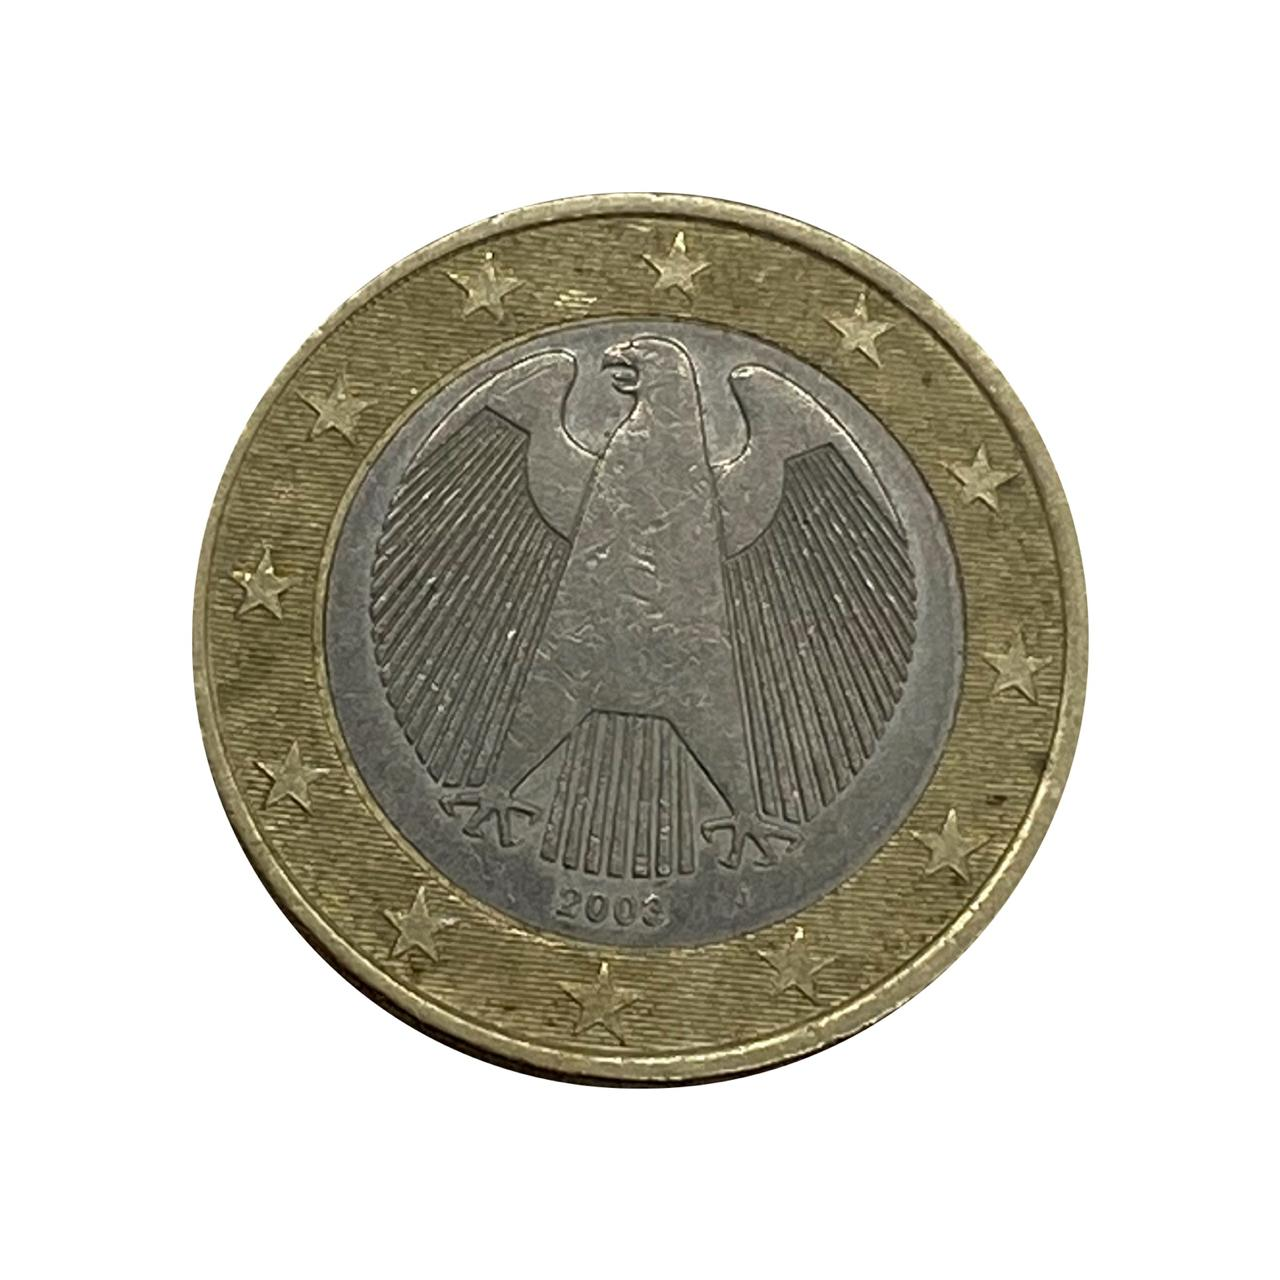 2 Euros Alemanha mbc